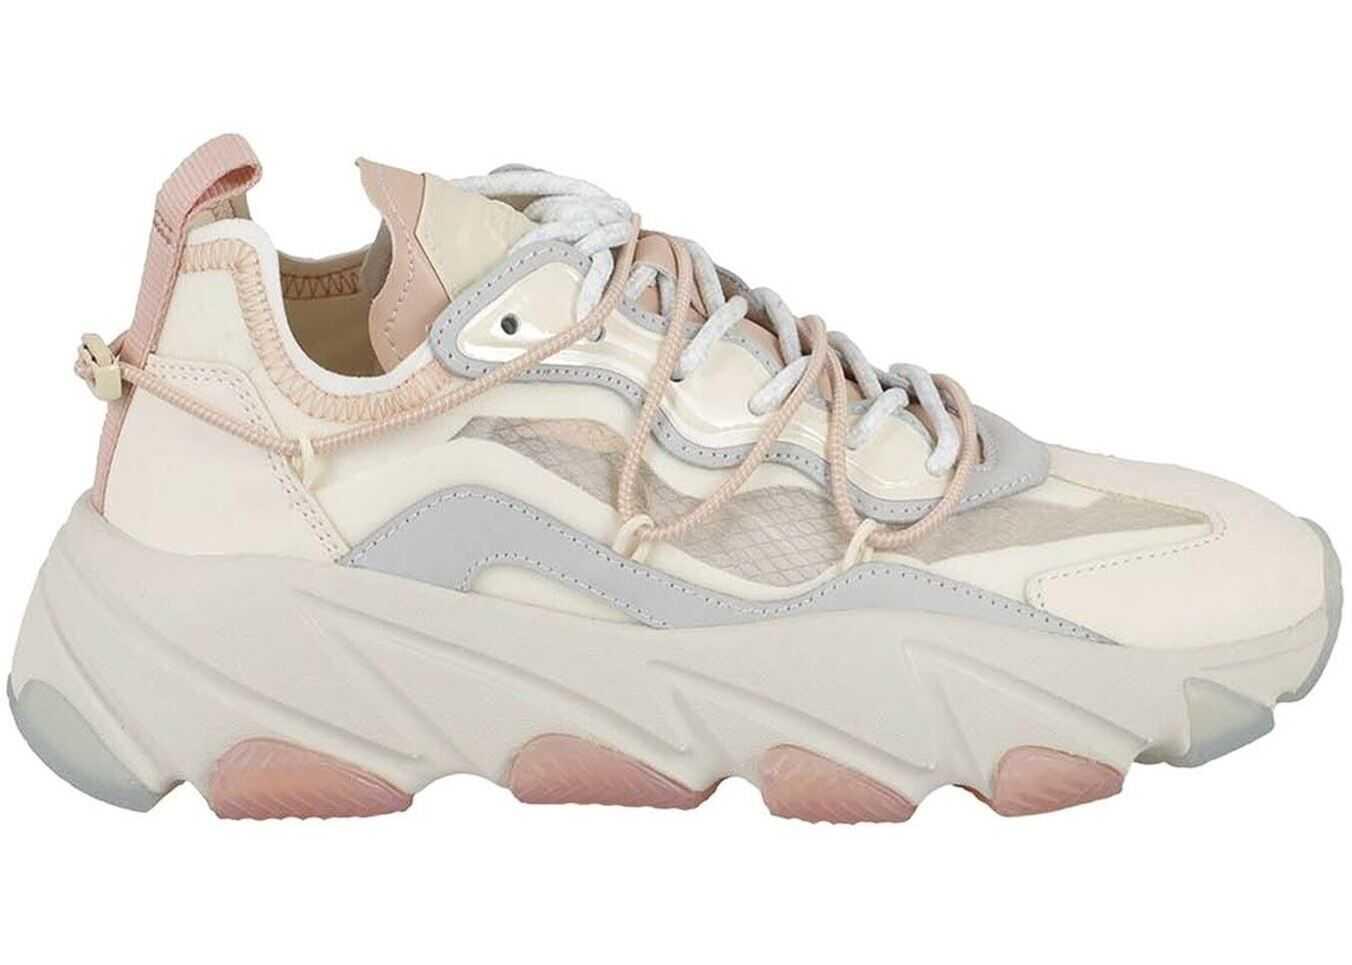 ASH Extrabis Sneakers In Cream Color EXTRABIS02MULTICOLOR Cream imagine b-mall.ro